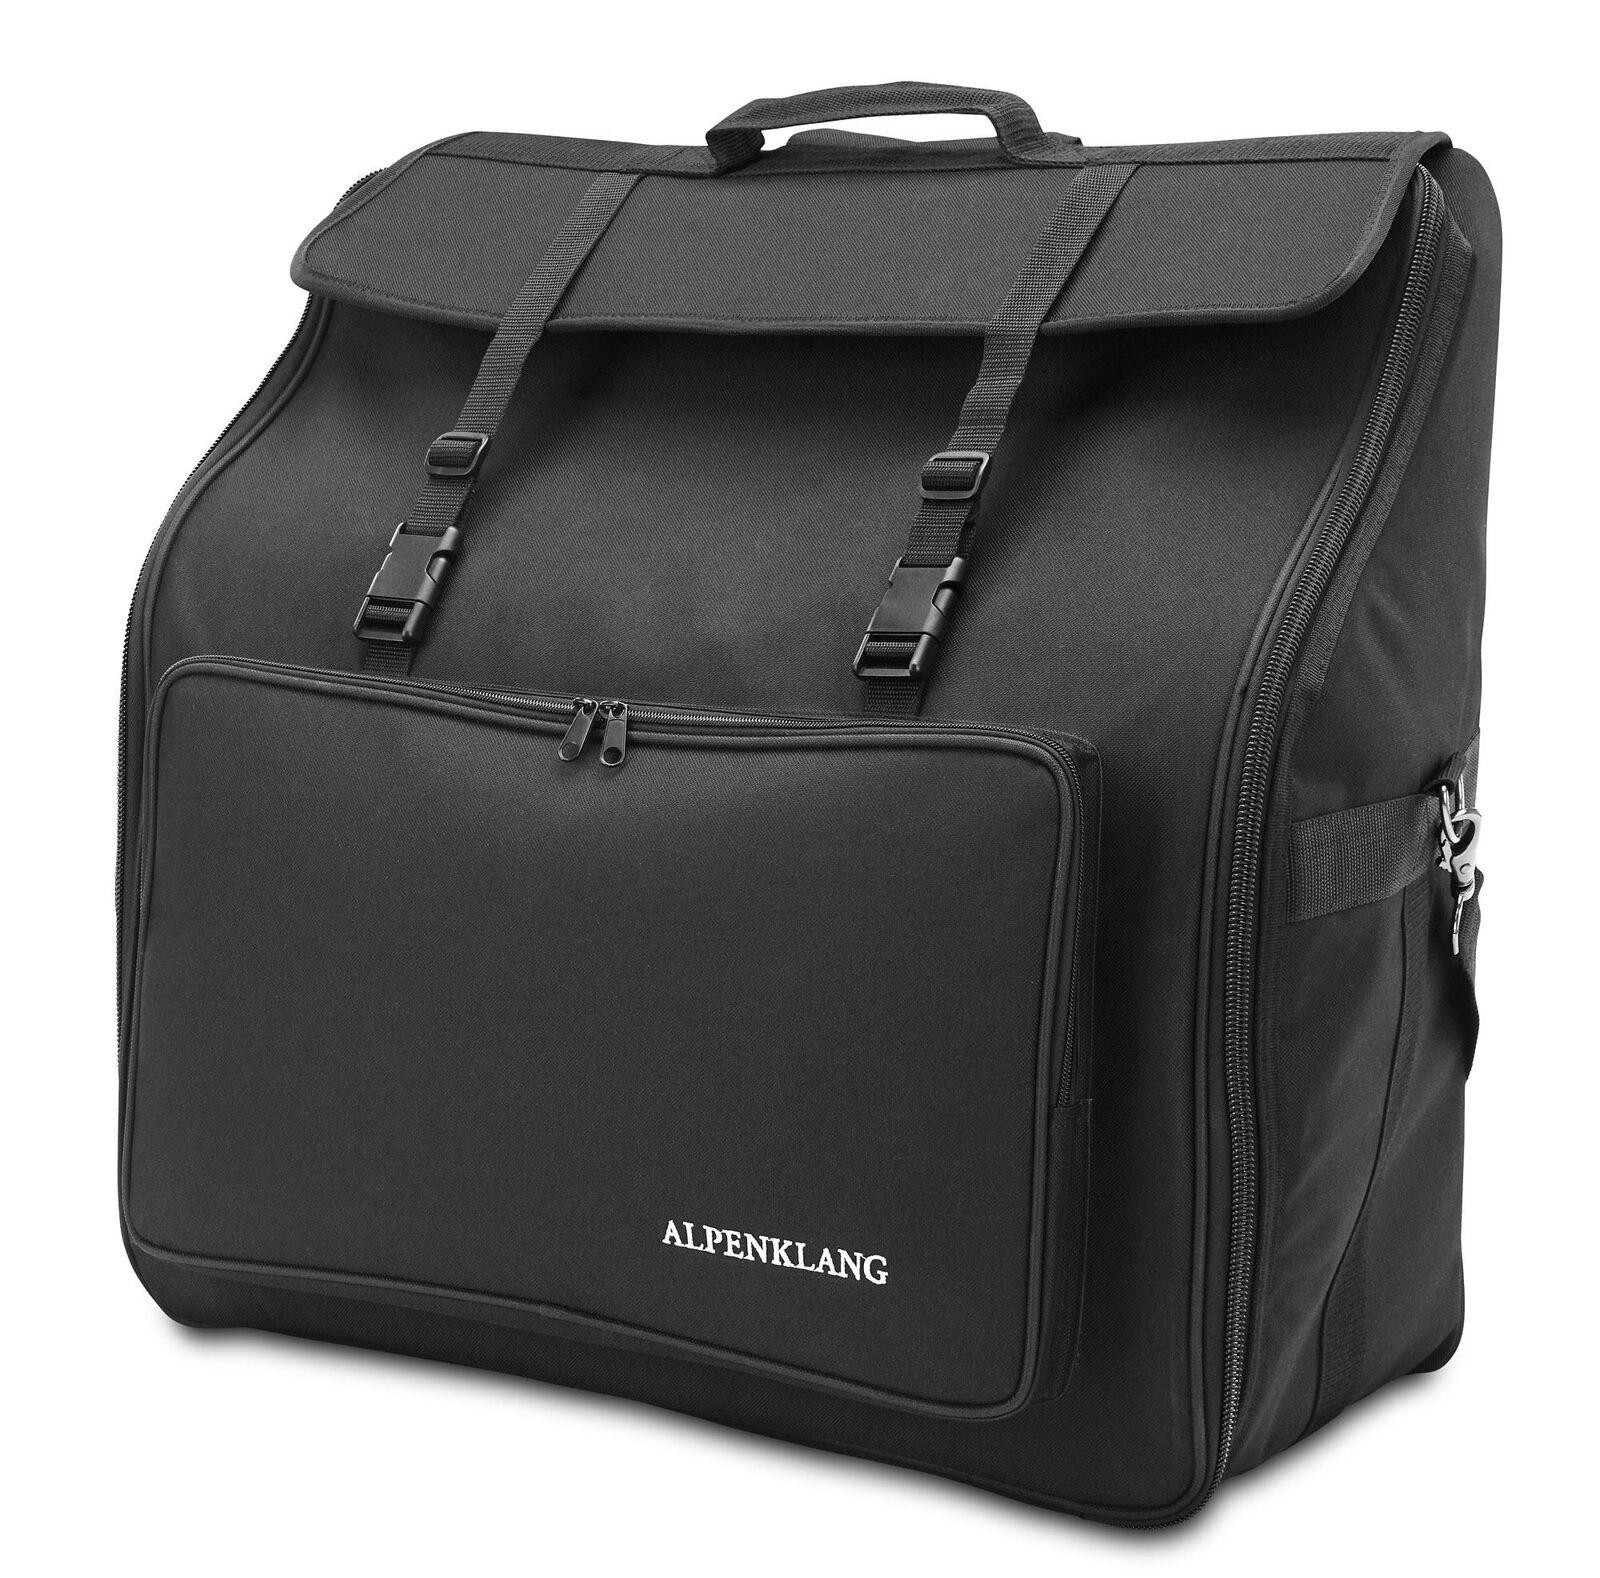 Álpenklang iii 72 Custodia per 72 Bass FISARMONICA ESCONO CASE SOFT valigia da trasporto BAG